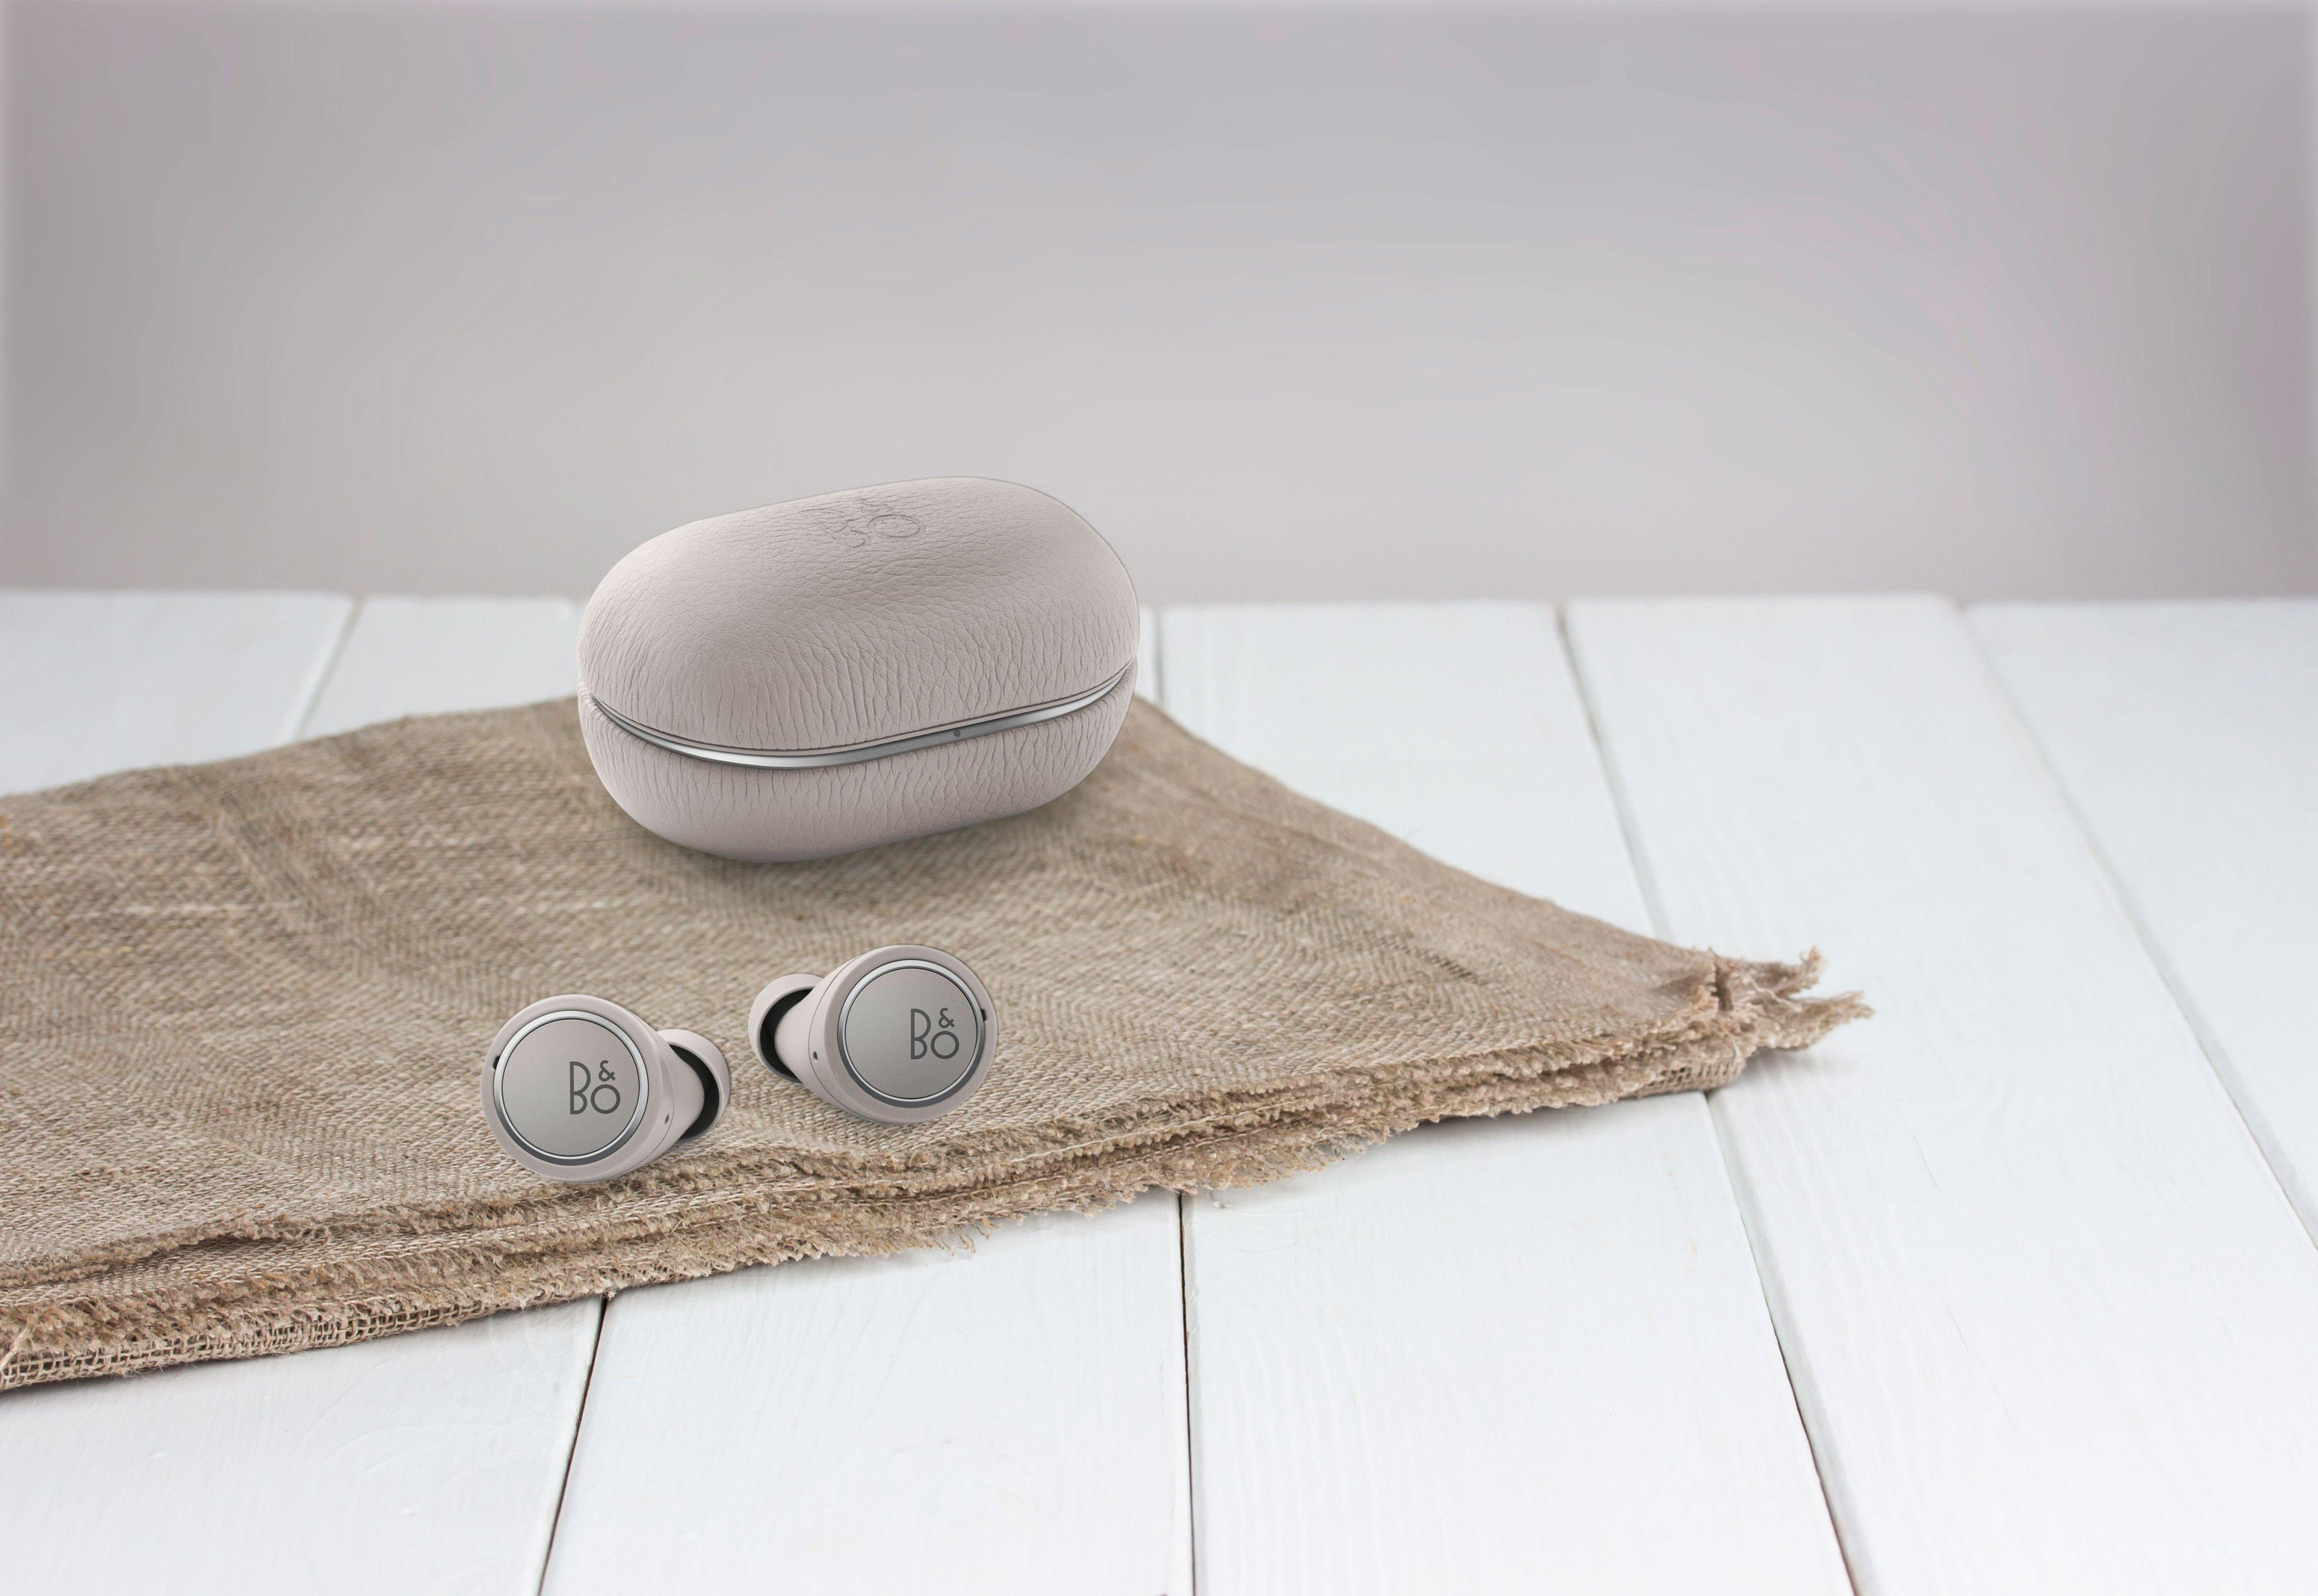 Tai nghe Bluetooth Beoplay E8 3.0 Grey Mist - Hàng chính hãng